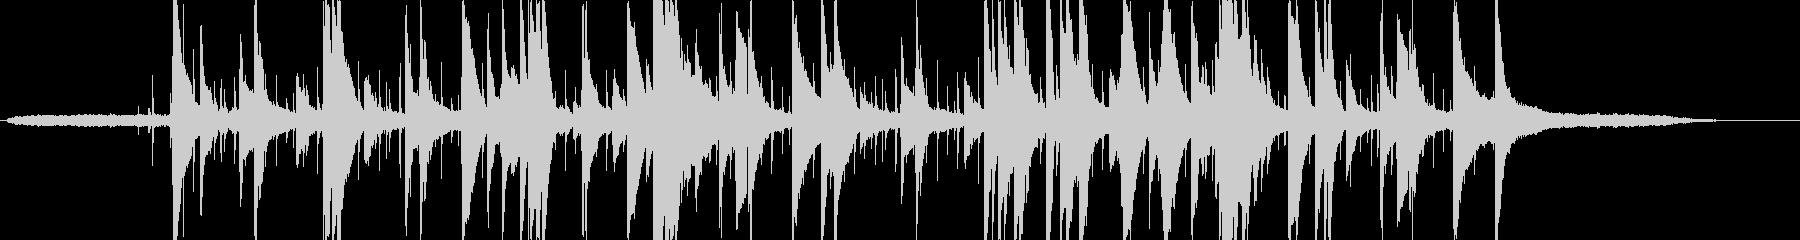 ゆったりとした大人なピアノトリオの未再生の波形